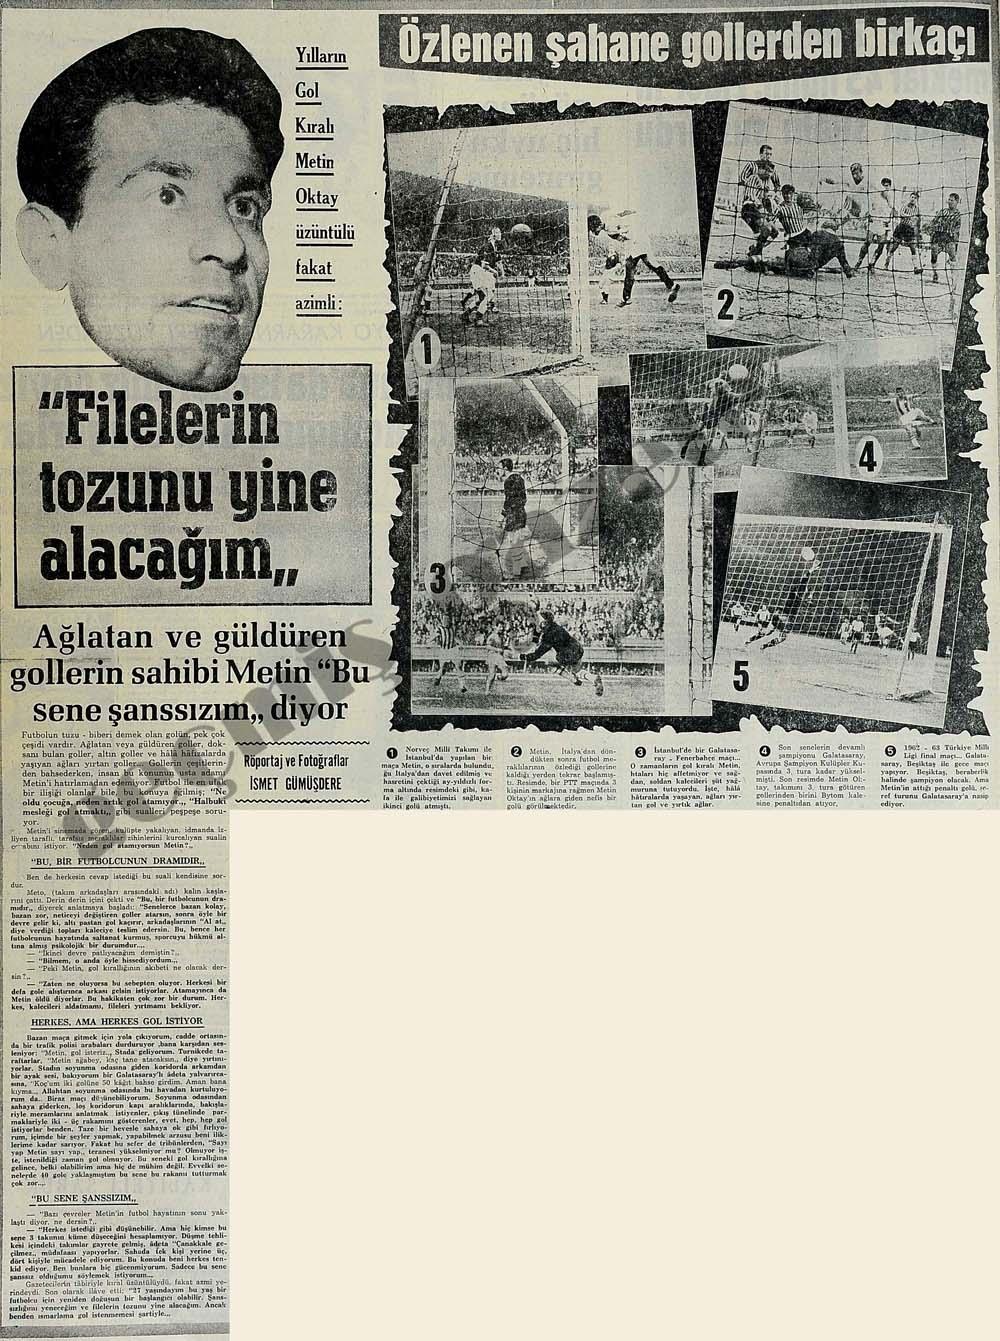 """Yılların Gol Kralı Metin Oktay üzüntülü fakat azimli: """"Filelerin tozunu yine alacağım"""""""